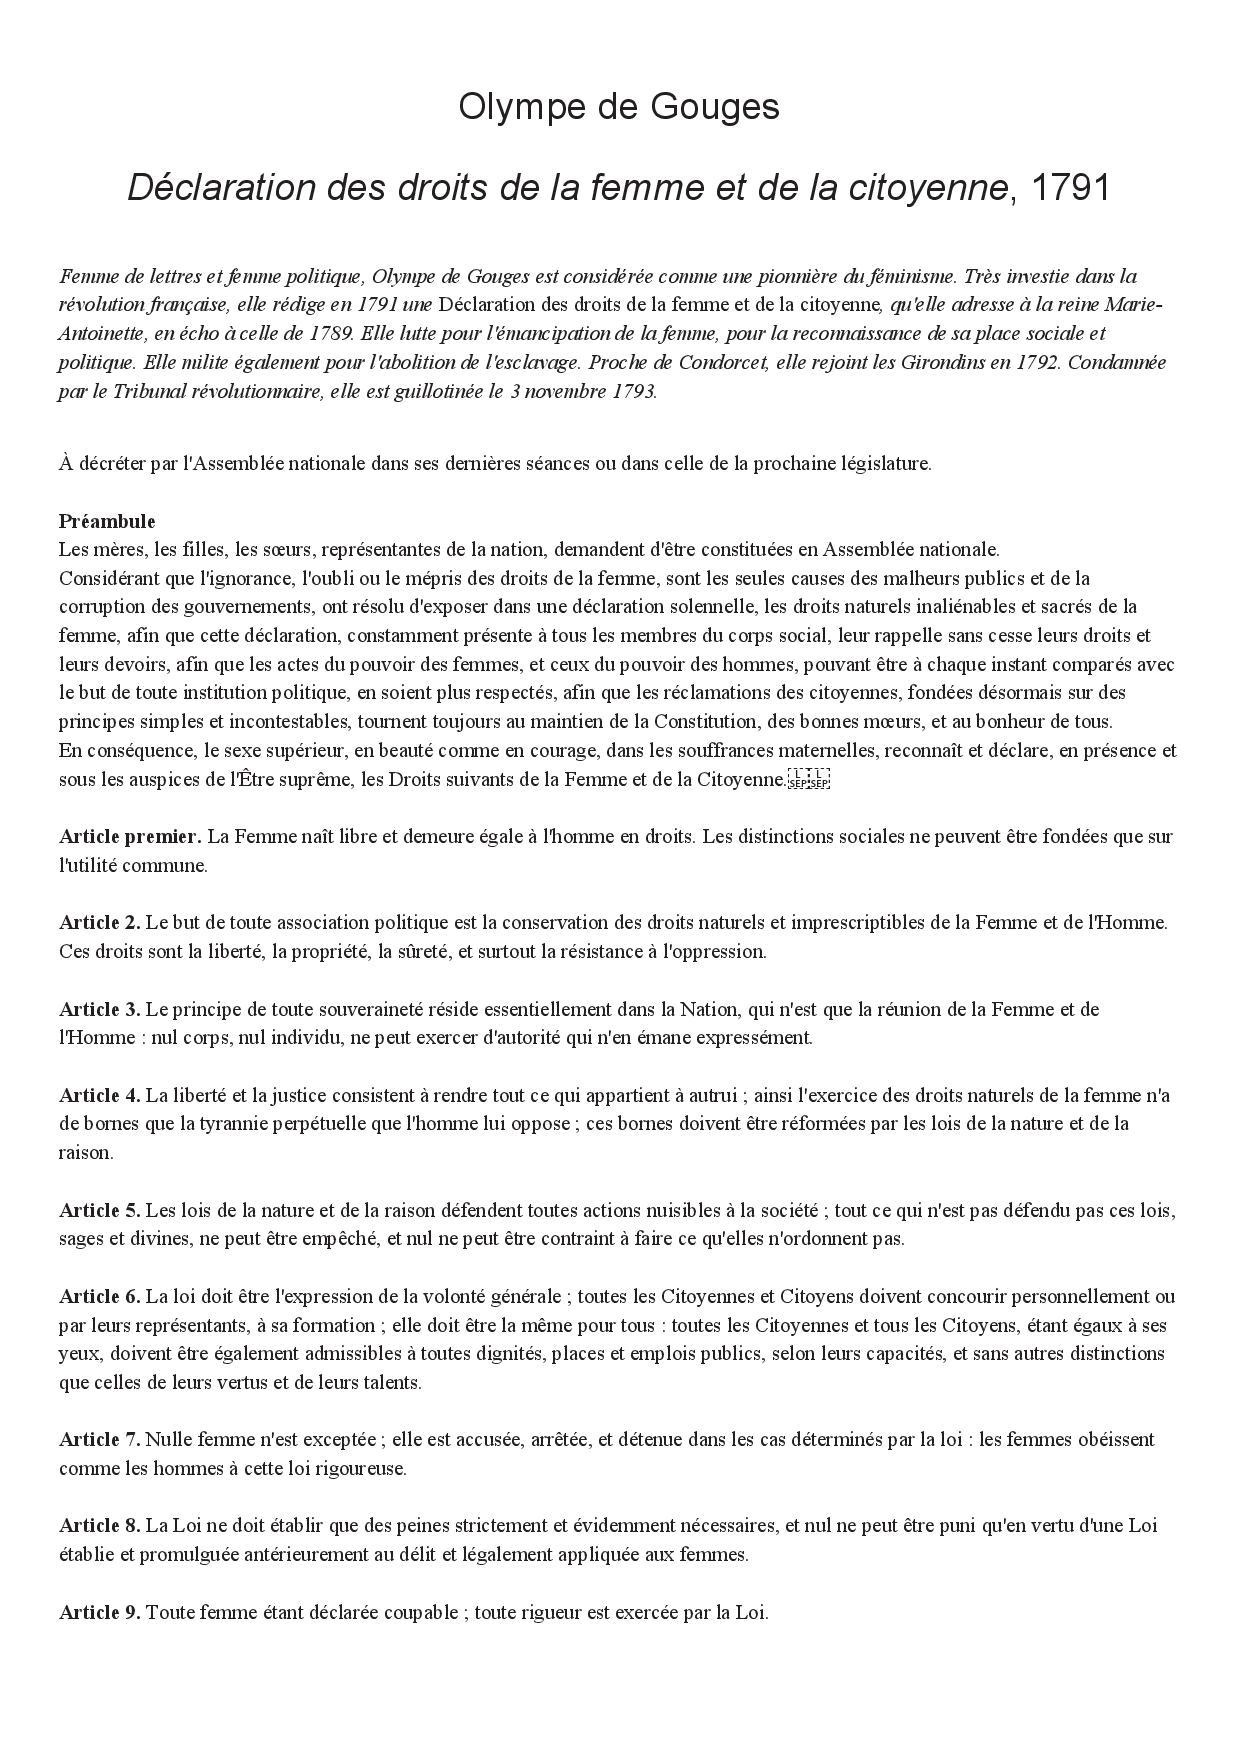 Déclaration_Droits_Femme_Olympe_Gouges1.jpg